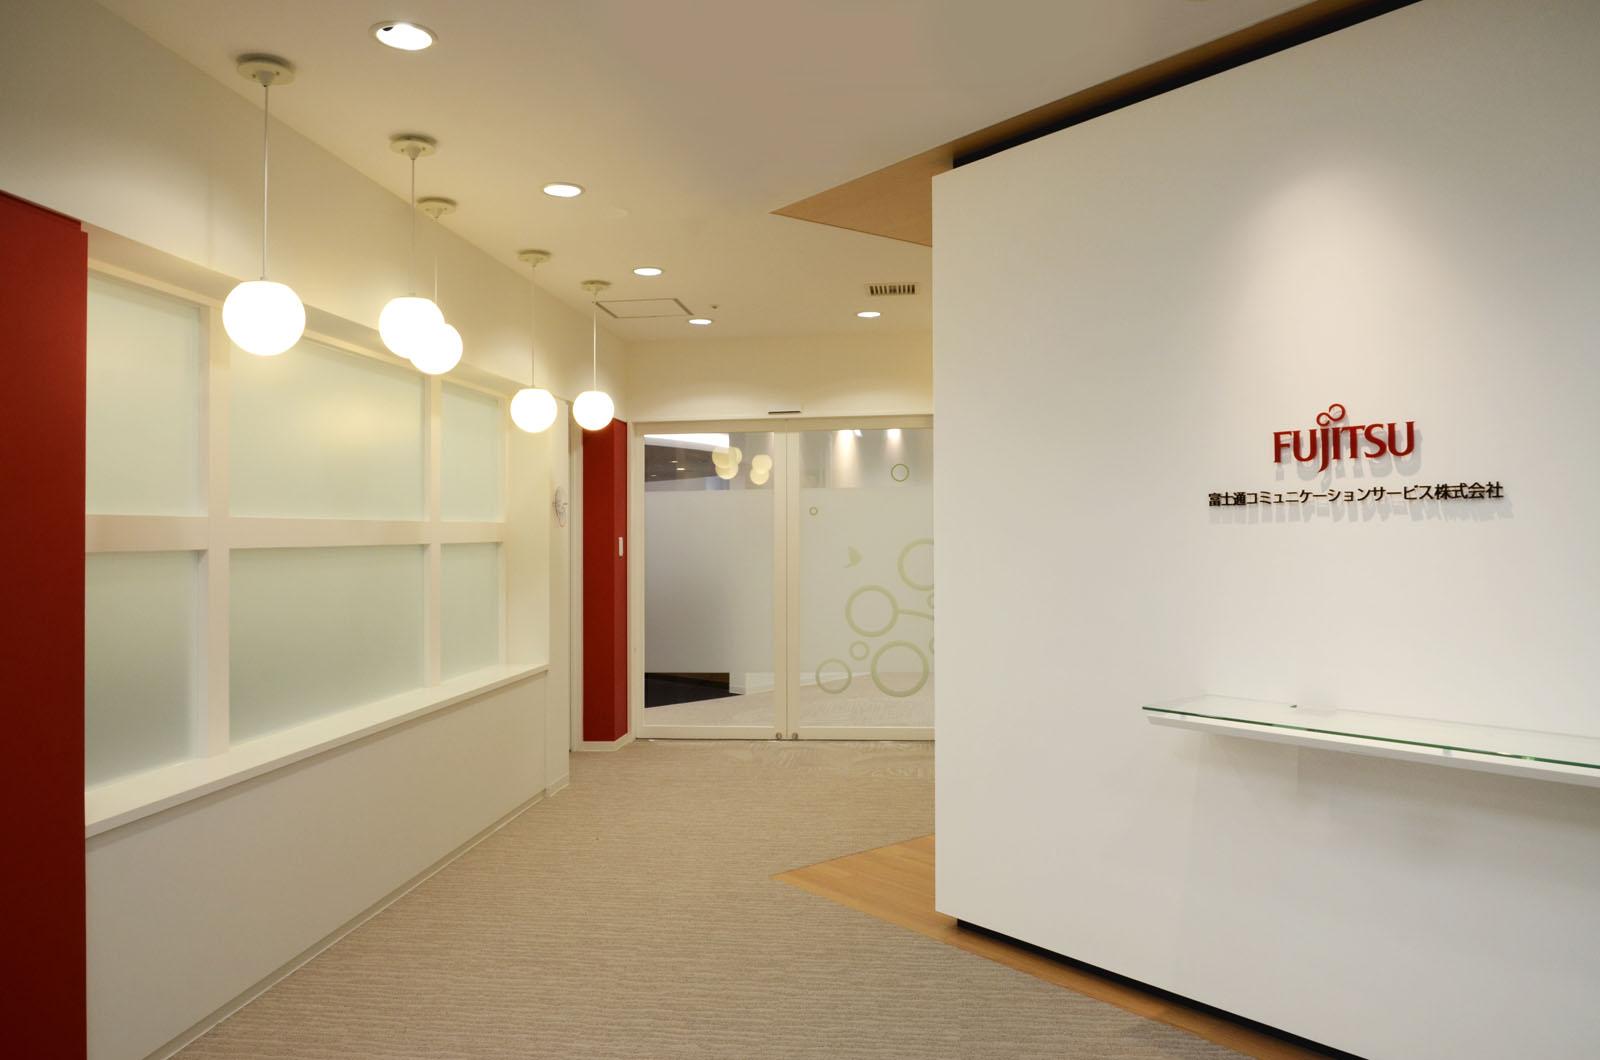 01富士通コミュニケーションサービス 新潟センター